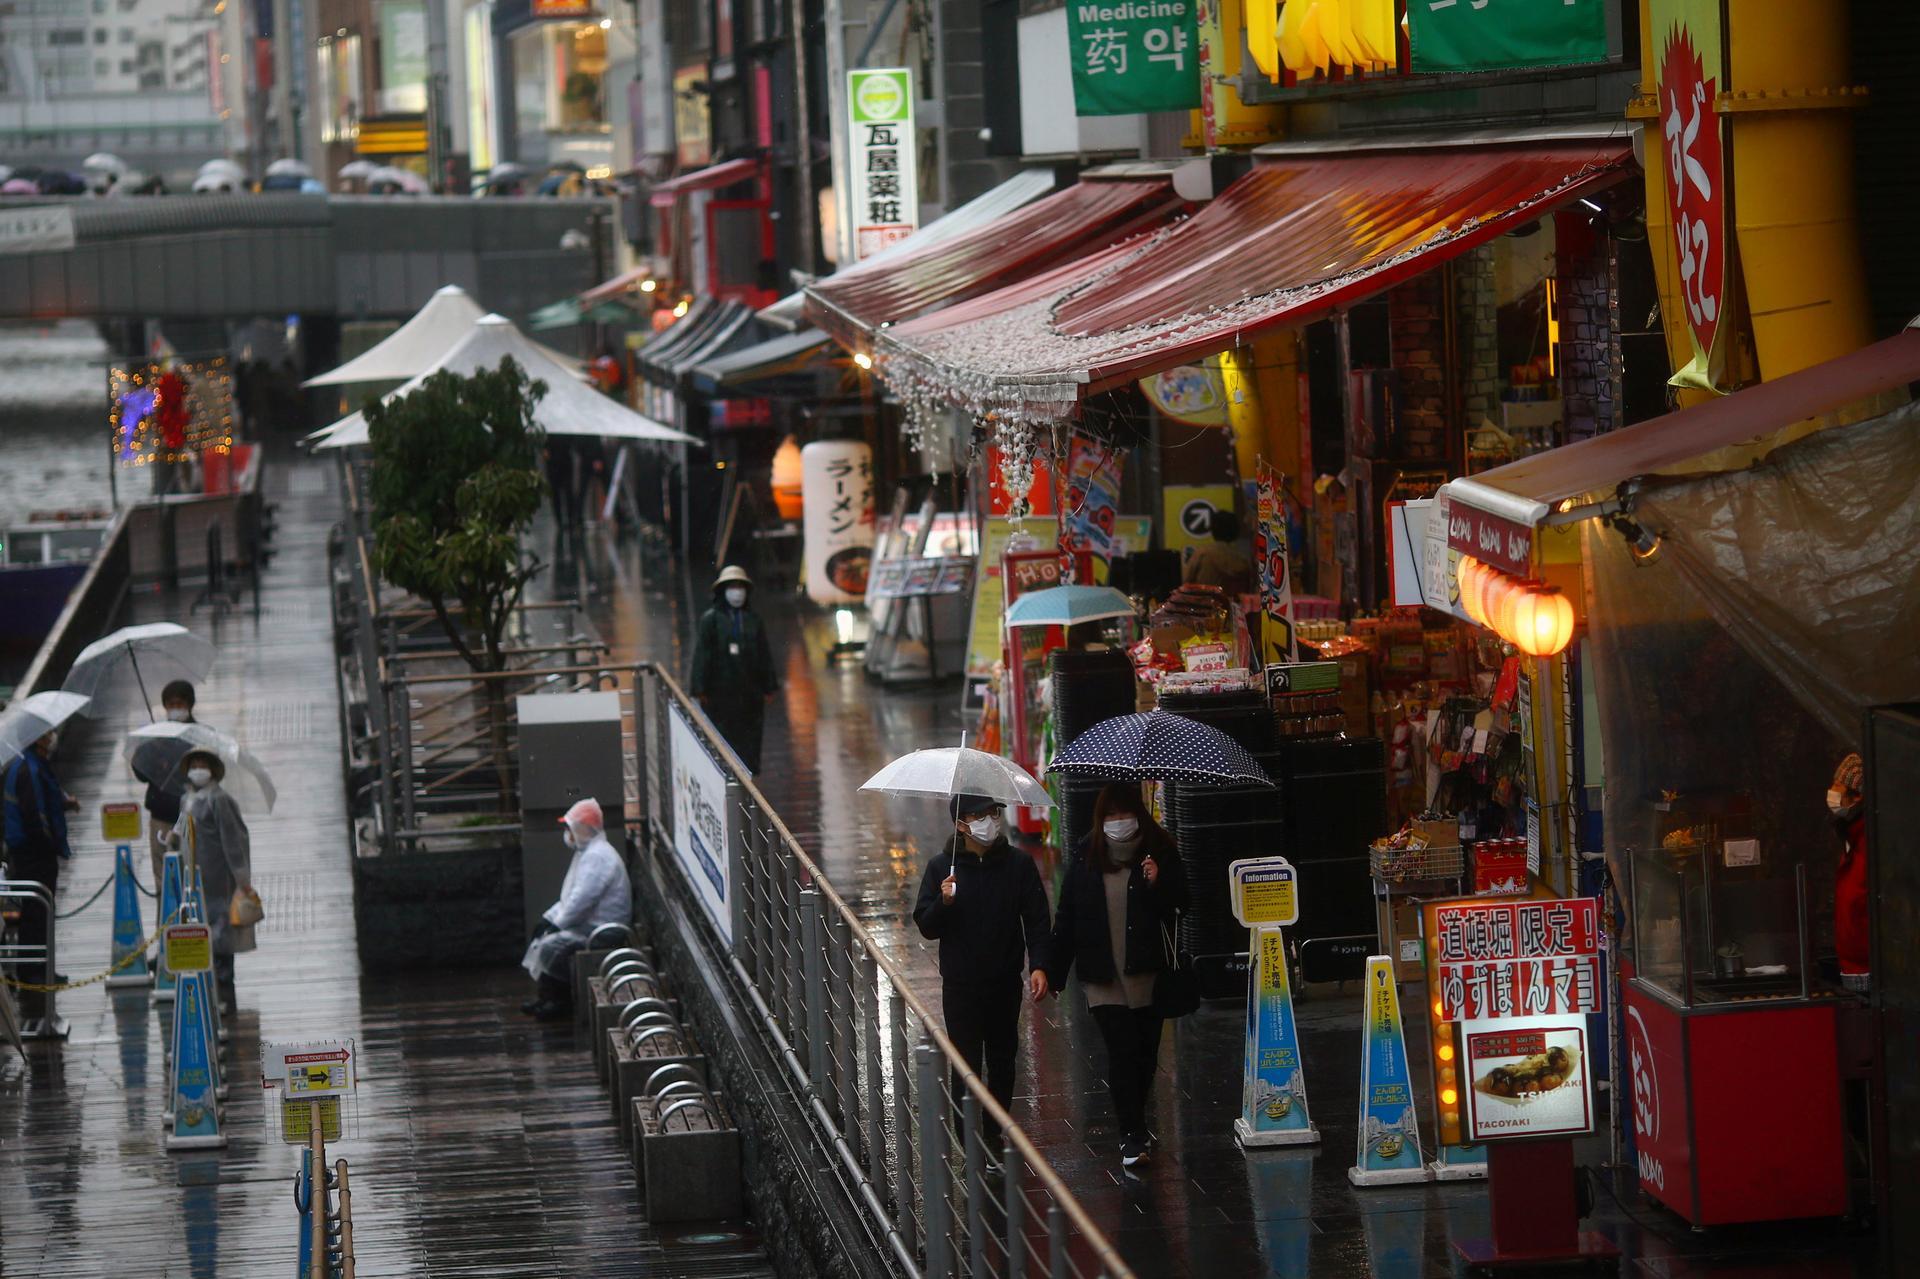 Japan coronavirus infections rise to 1,484: NHK